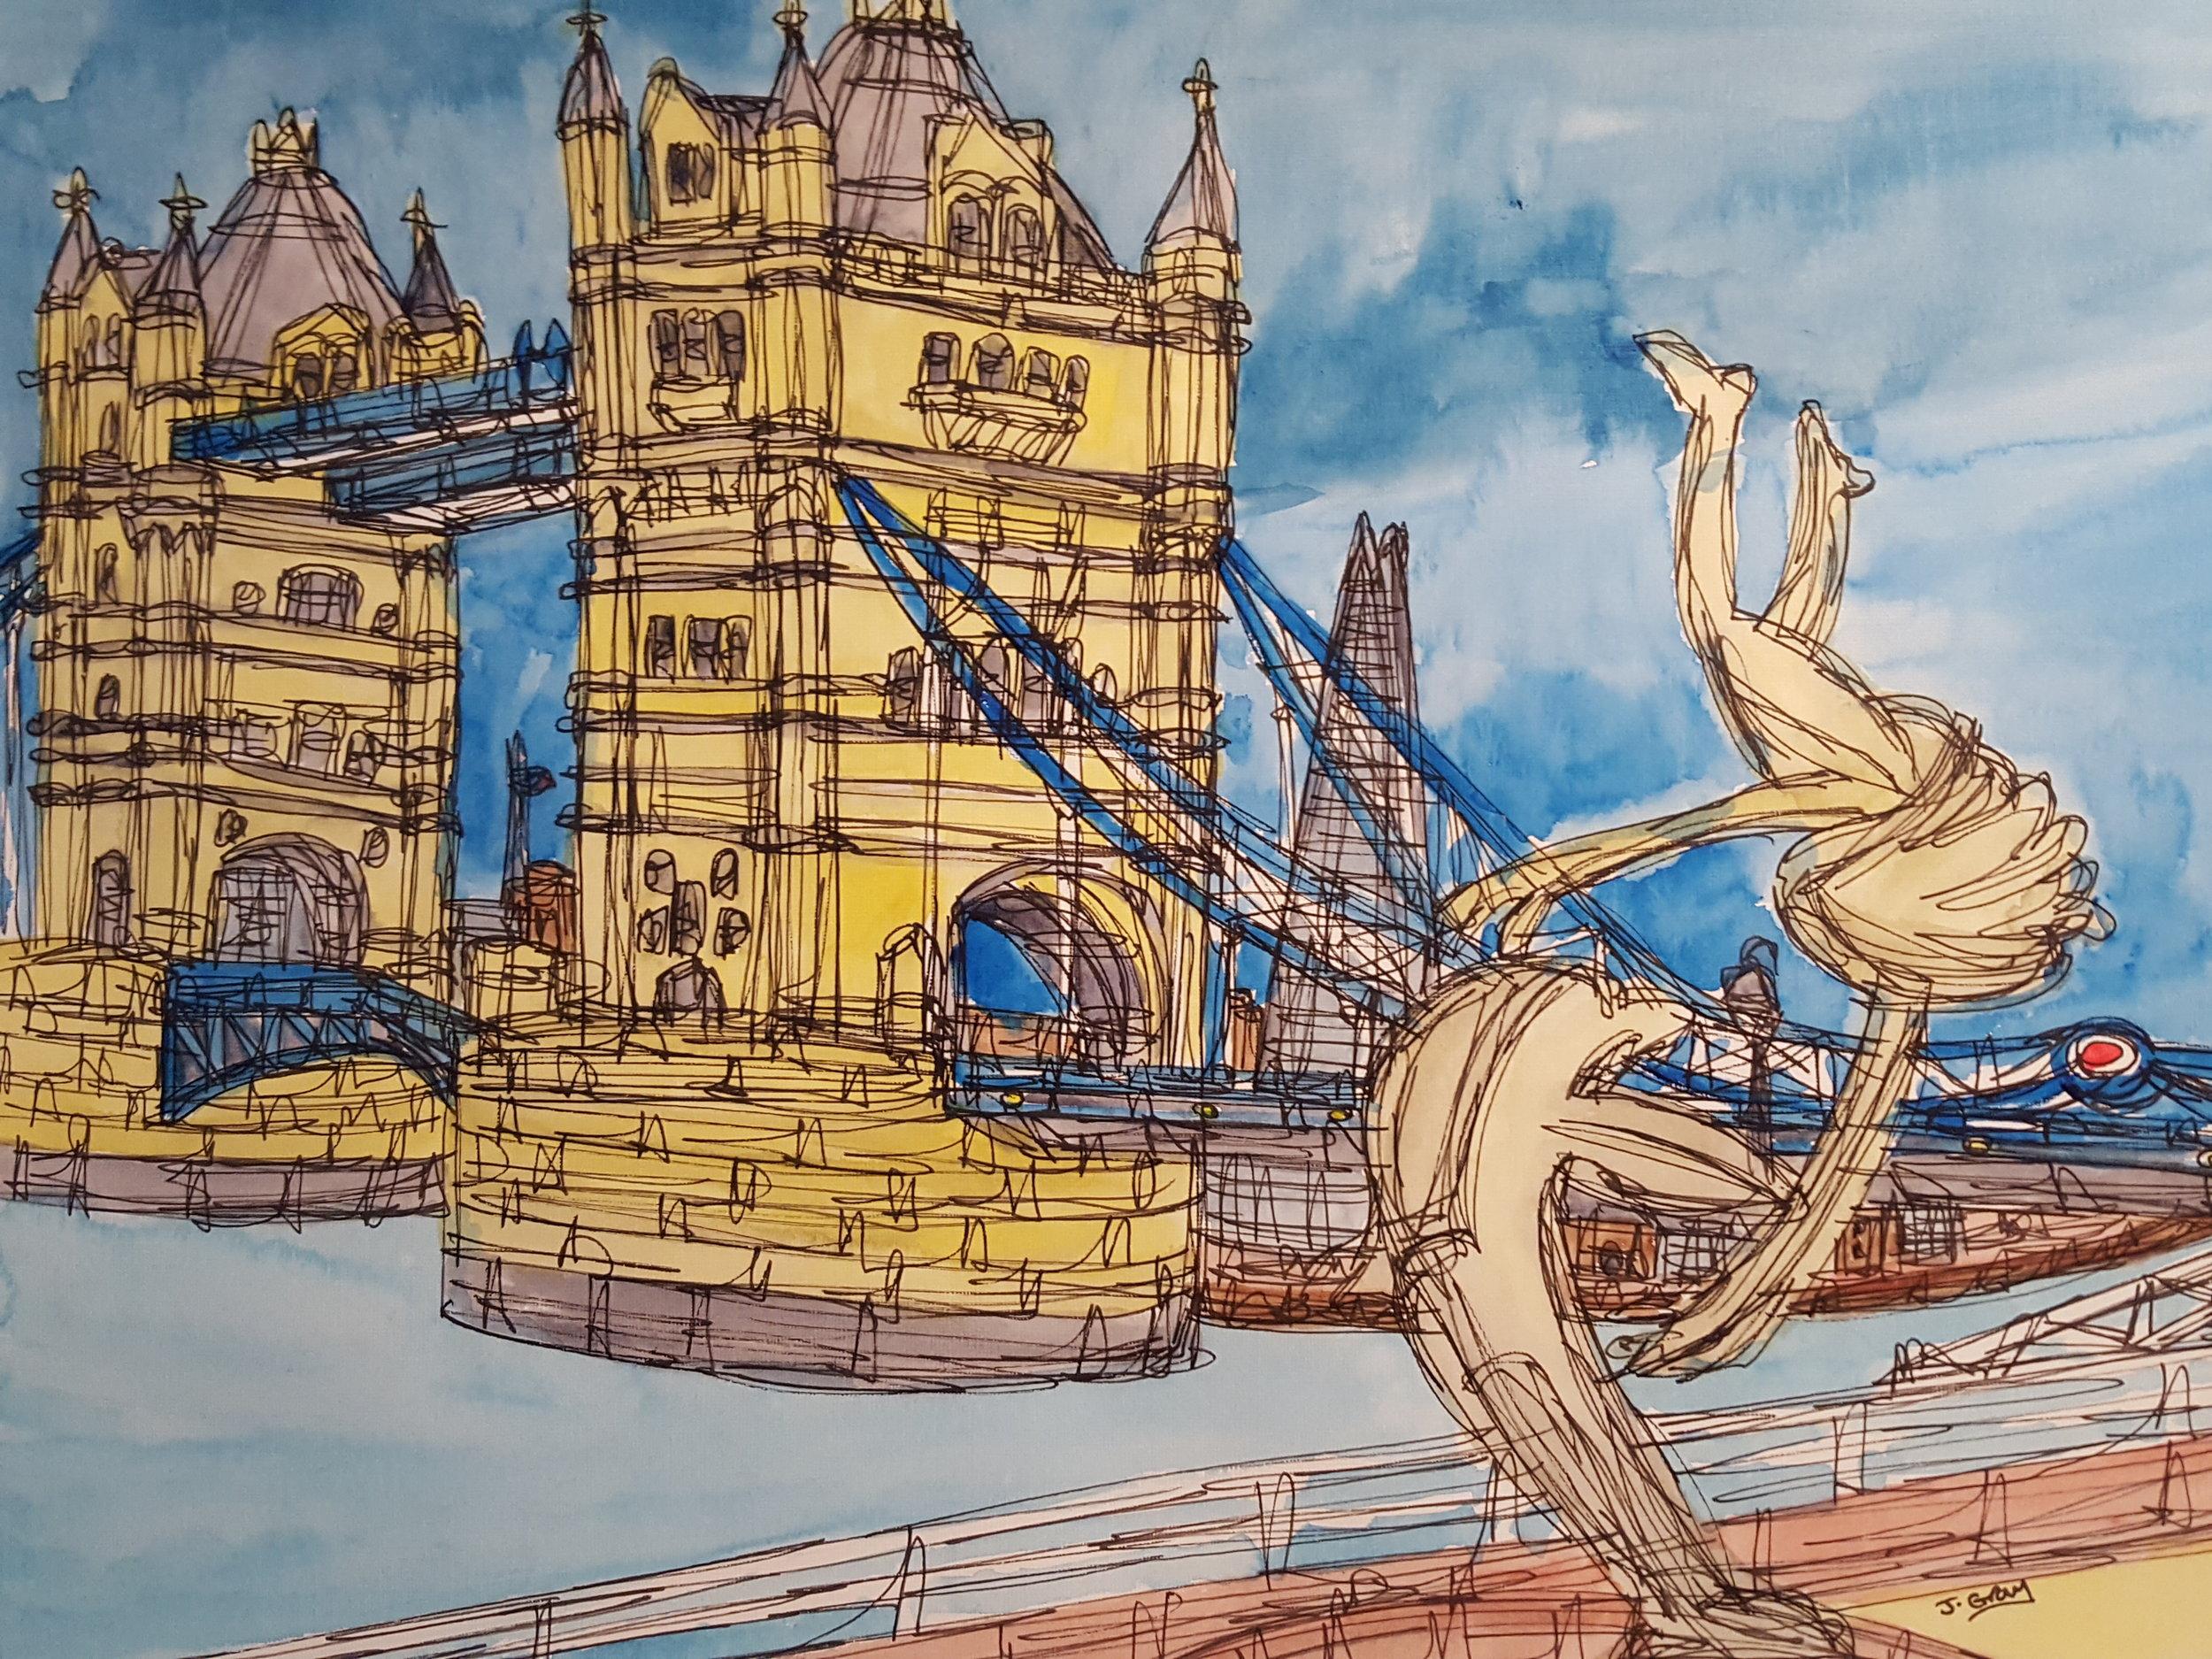 Tower Bridge Overview, 2018 | Watercolour & Fine liner on paper | 43 x 53 cm | £295